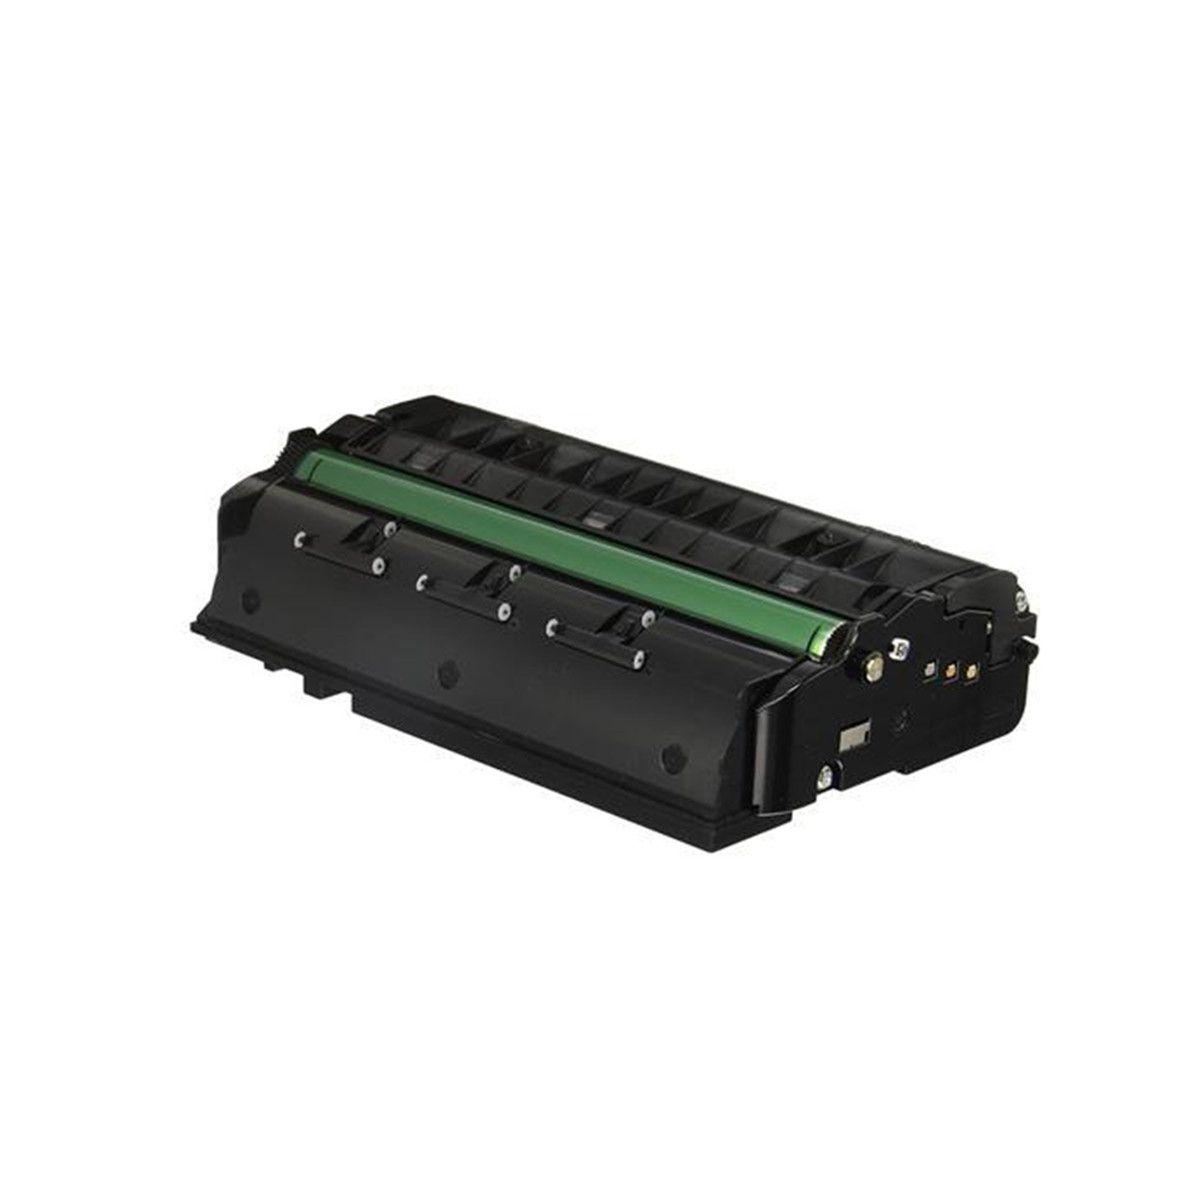 Toner compatível com RICOH SP377 SP377SFNWX SP377DNWX SP 377SFNWX SP 377DNWX 6.400 Páginas - Cartucho & Cia